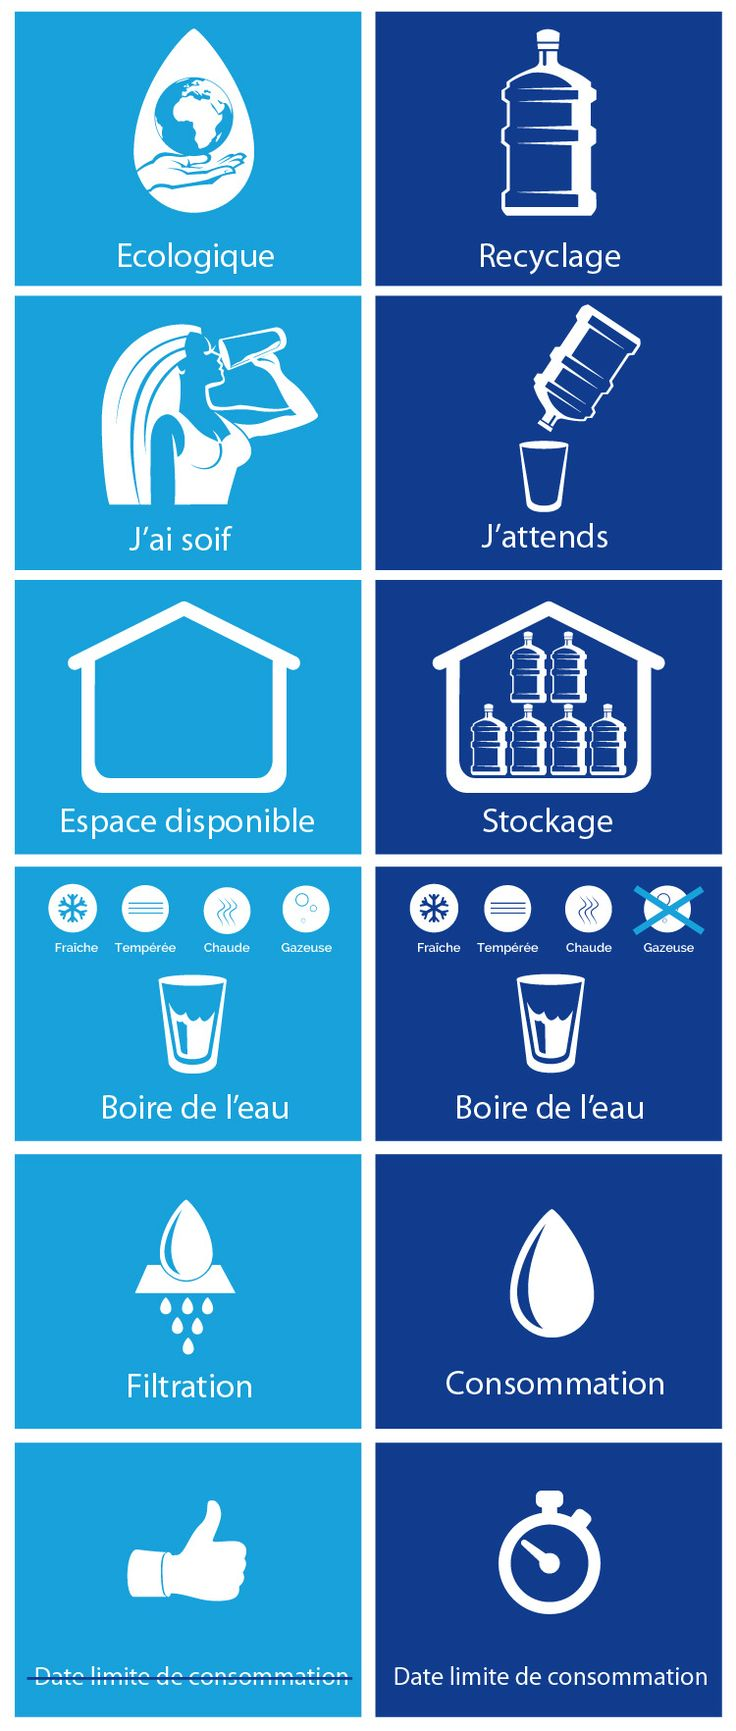 La fontaine à eau raccordée au réseau d'eau potable possède de nombreux avantages par rapport au fontaine bonbonne #eau #entreprise #service #plastique